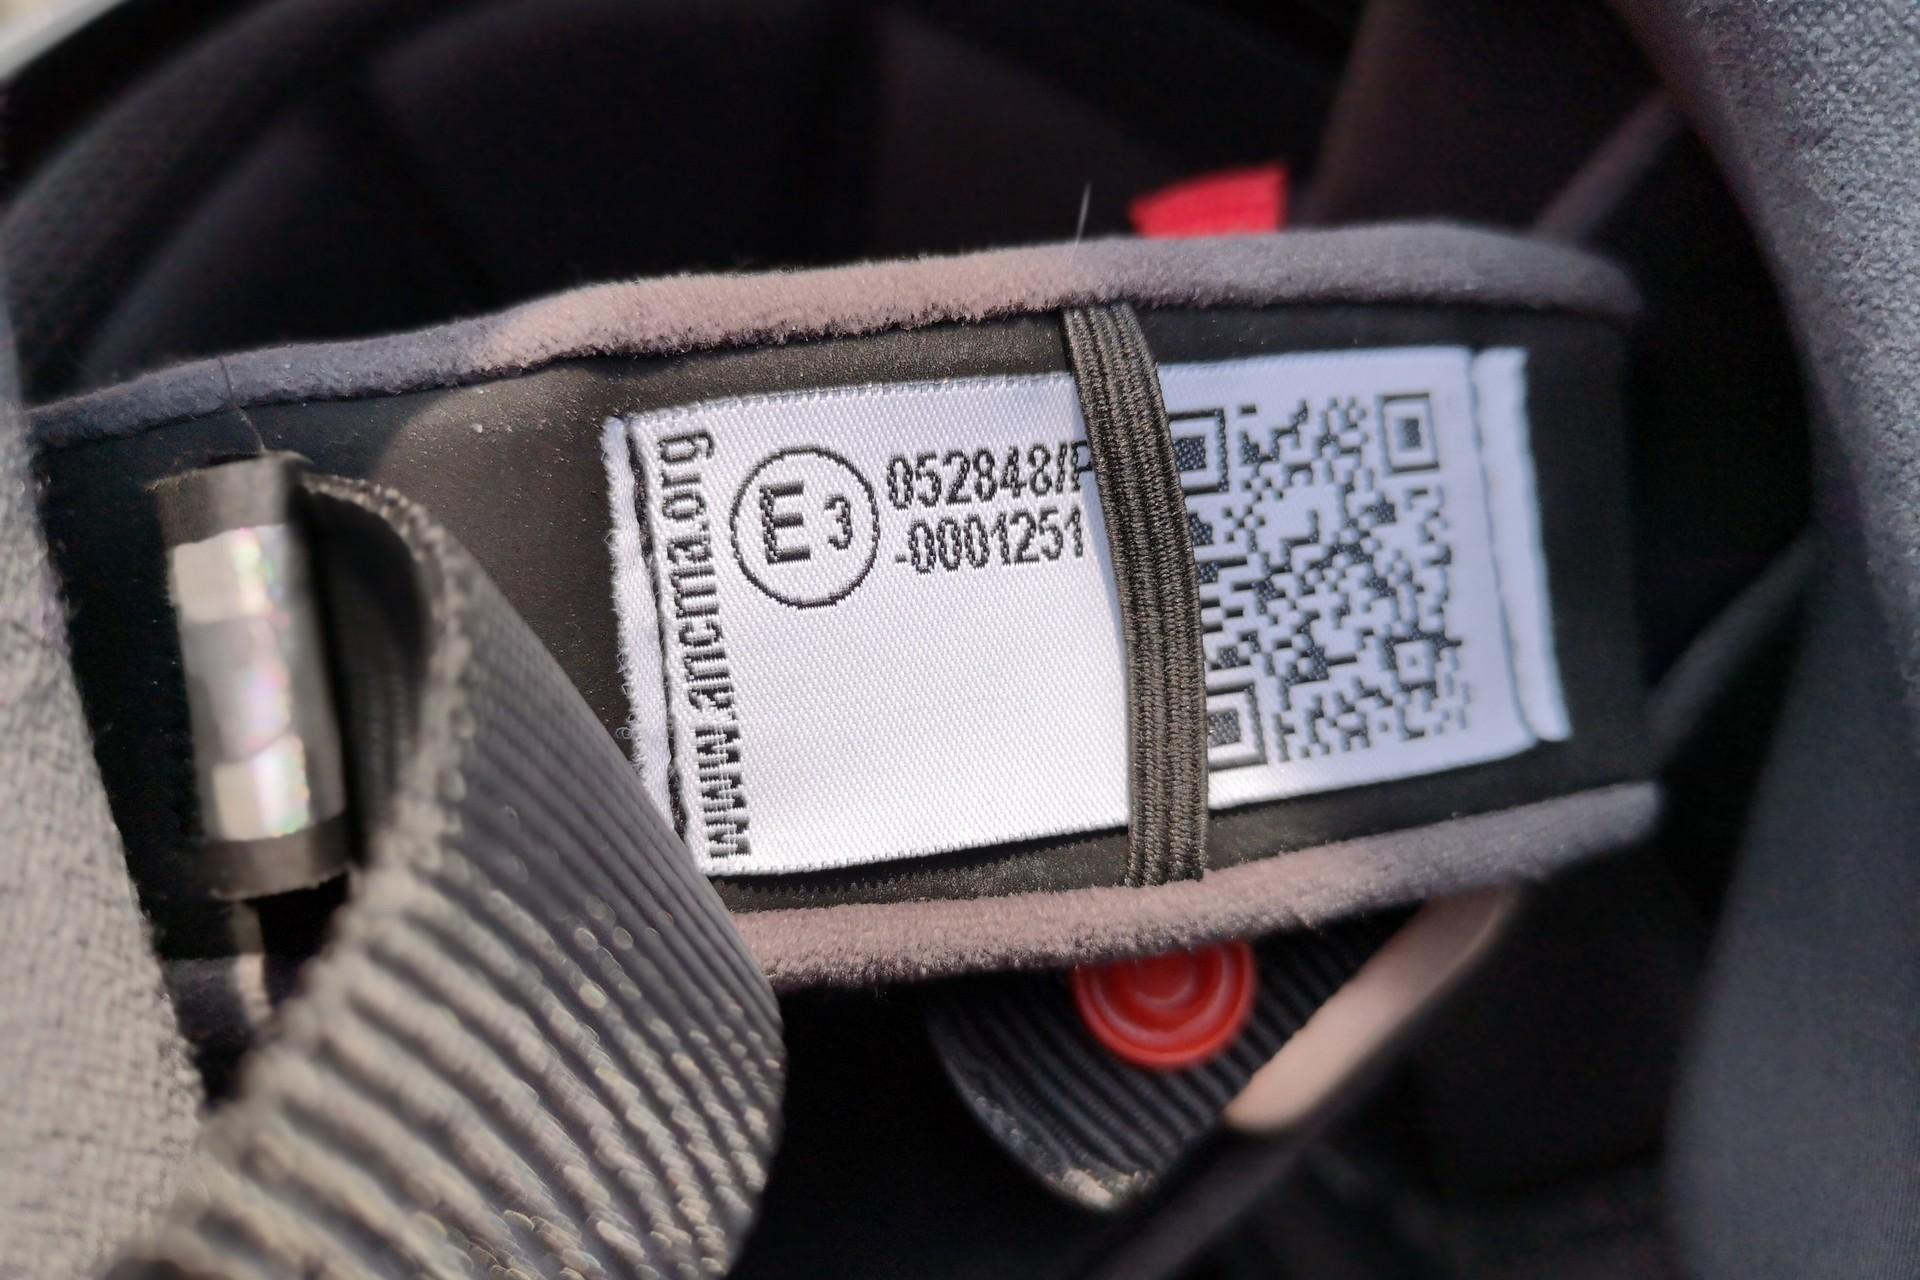 Comme l'indique la lettre P sur l'étiquette d'homologation, le casque AGV SportModular ne bénéficie PAS de la double homologation.